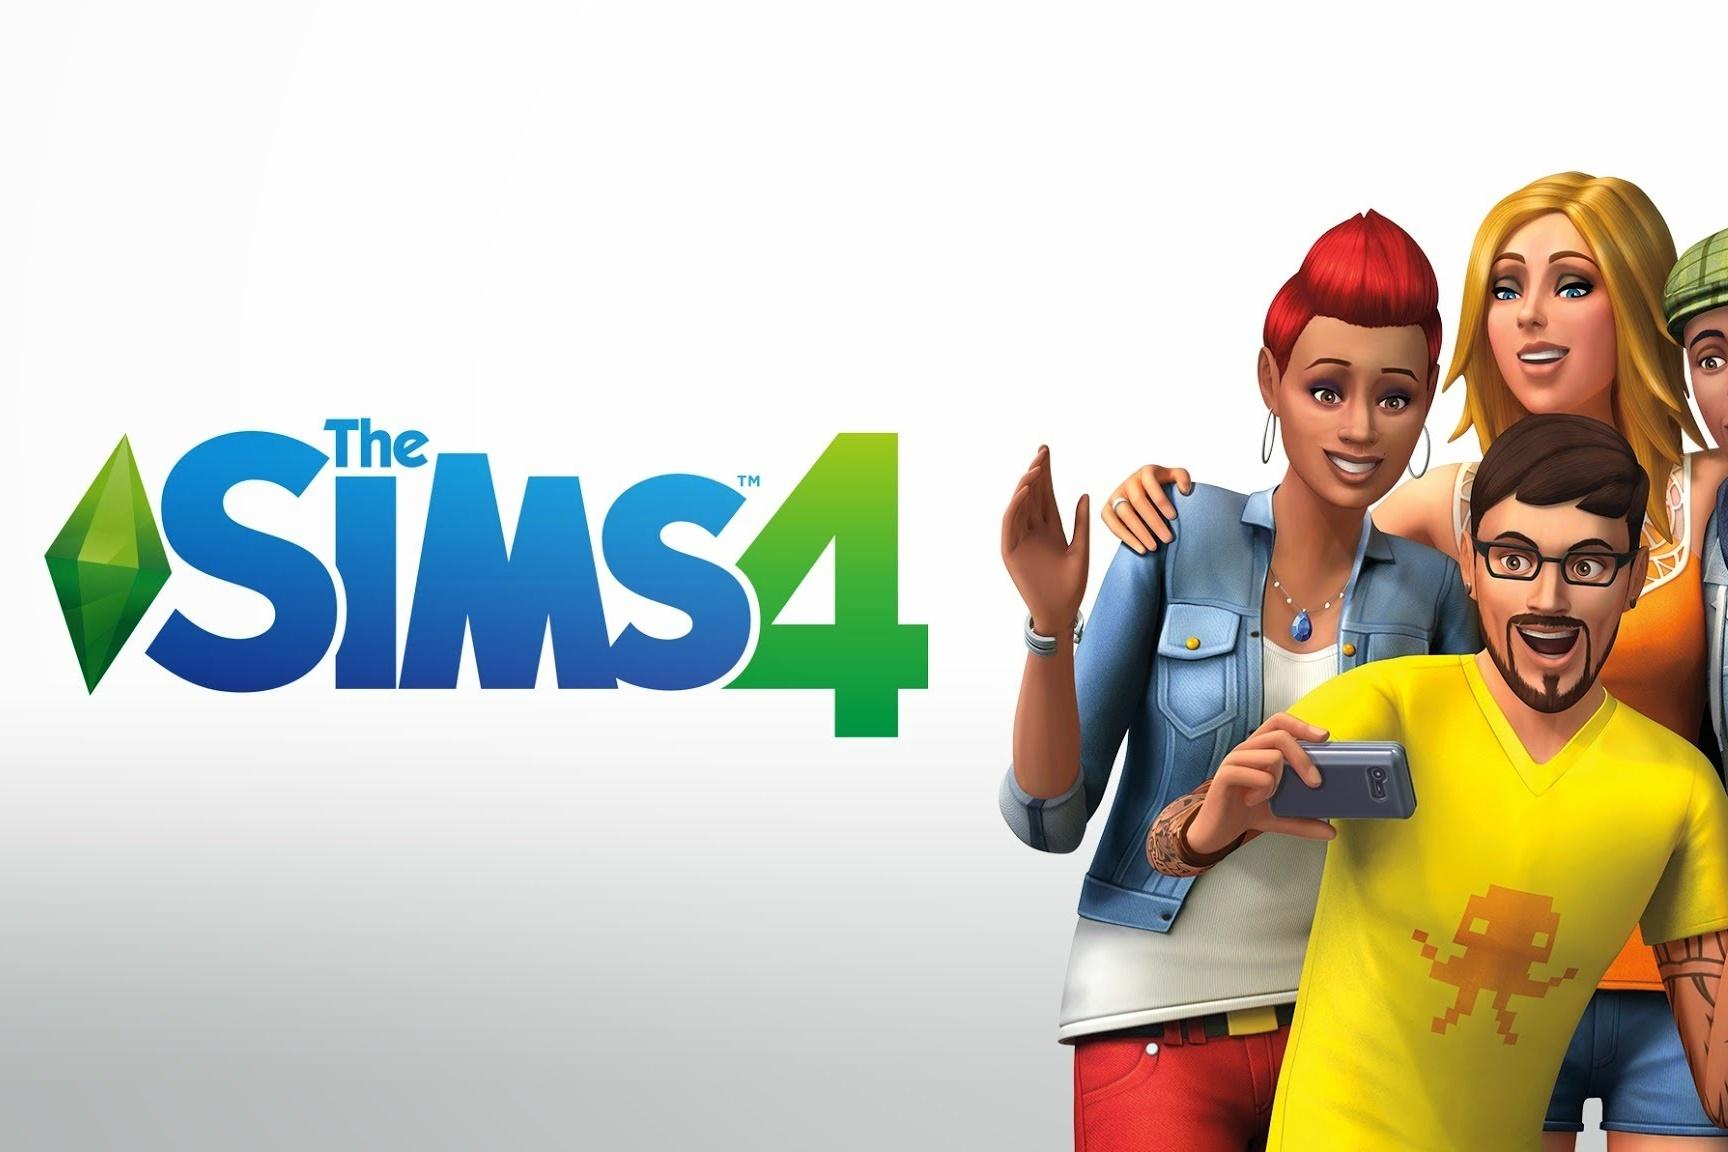 Imagem de The Sims 4 está gratuito no PC; veja como baixar no tecmundo